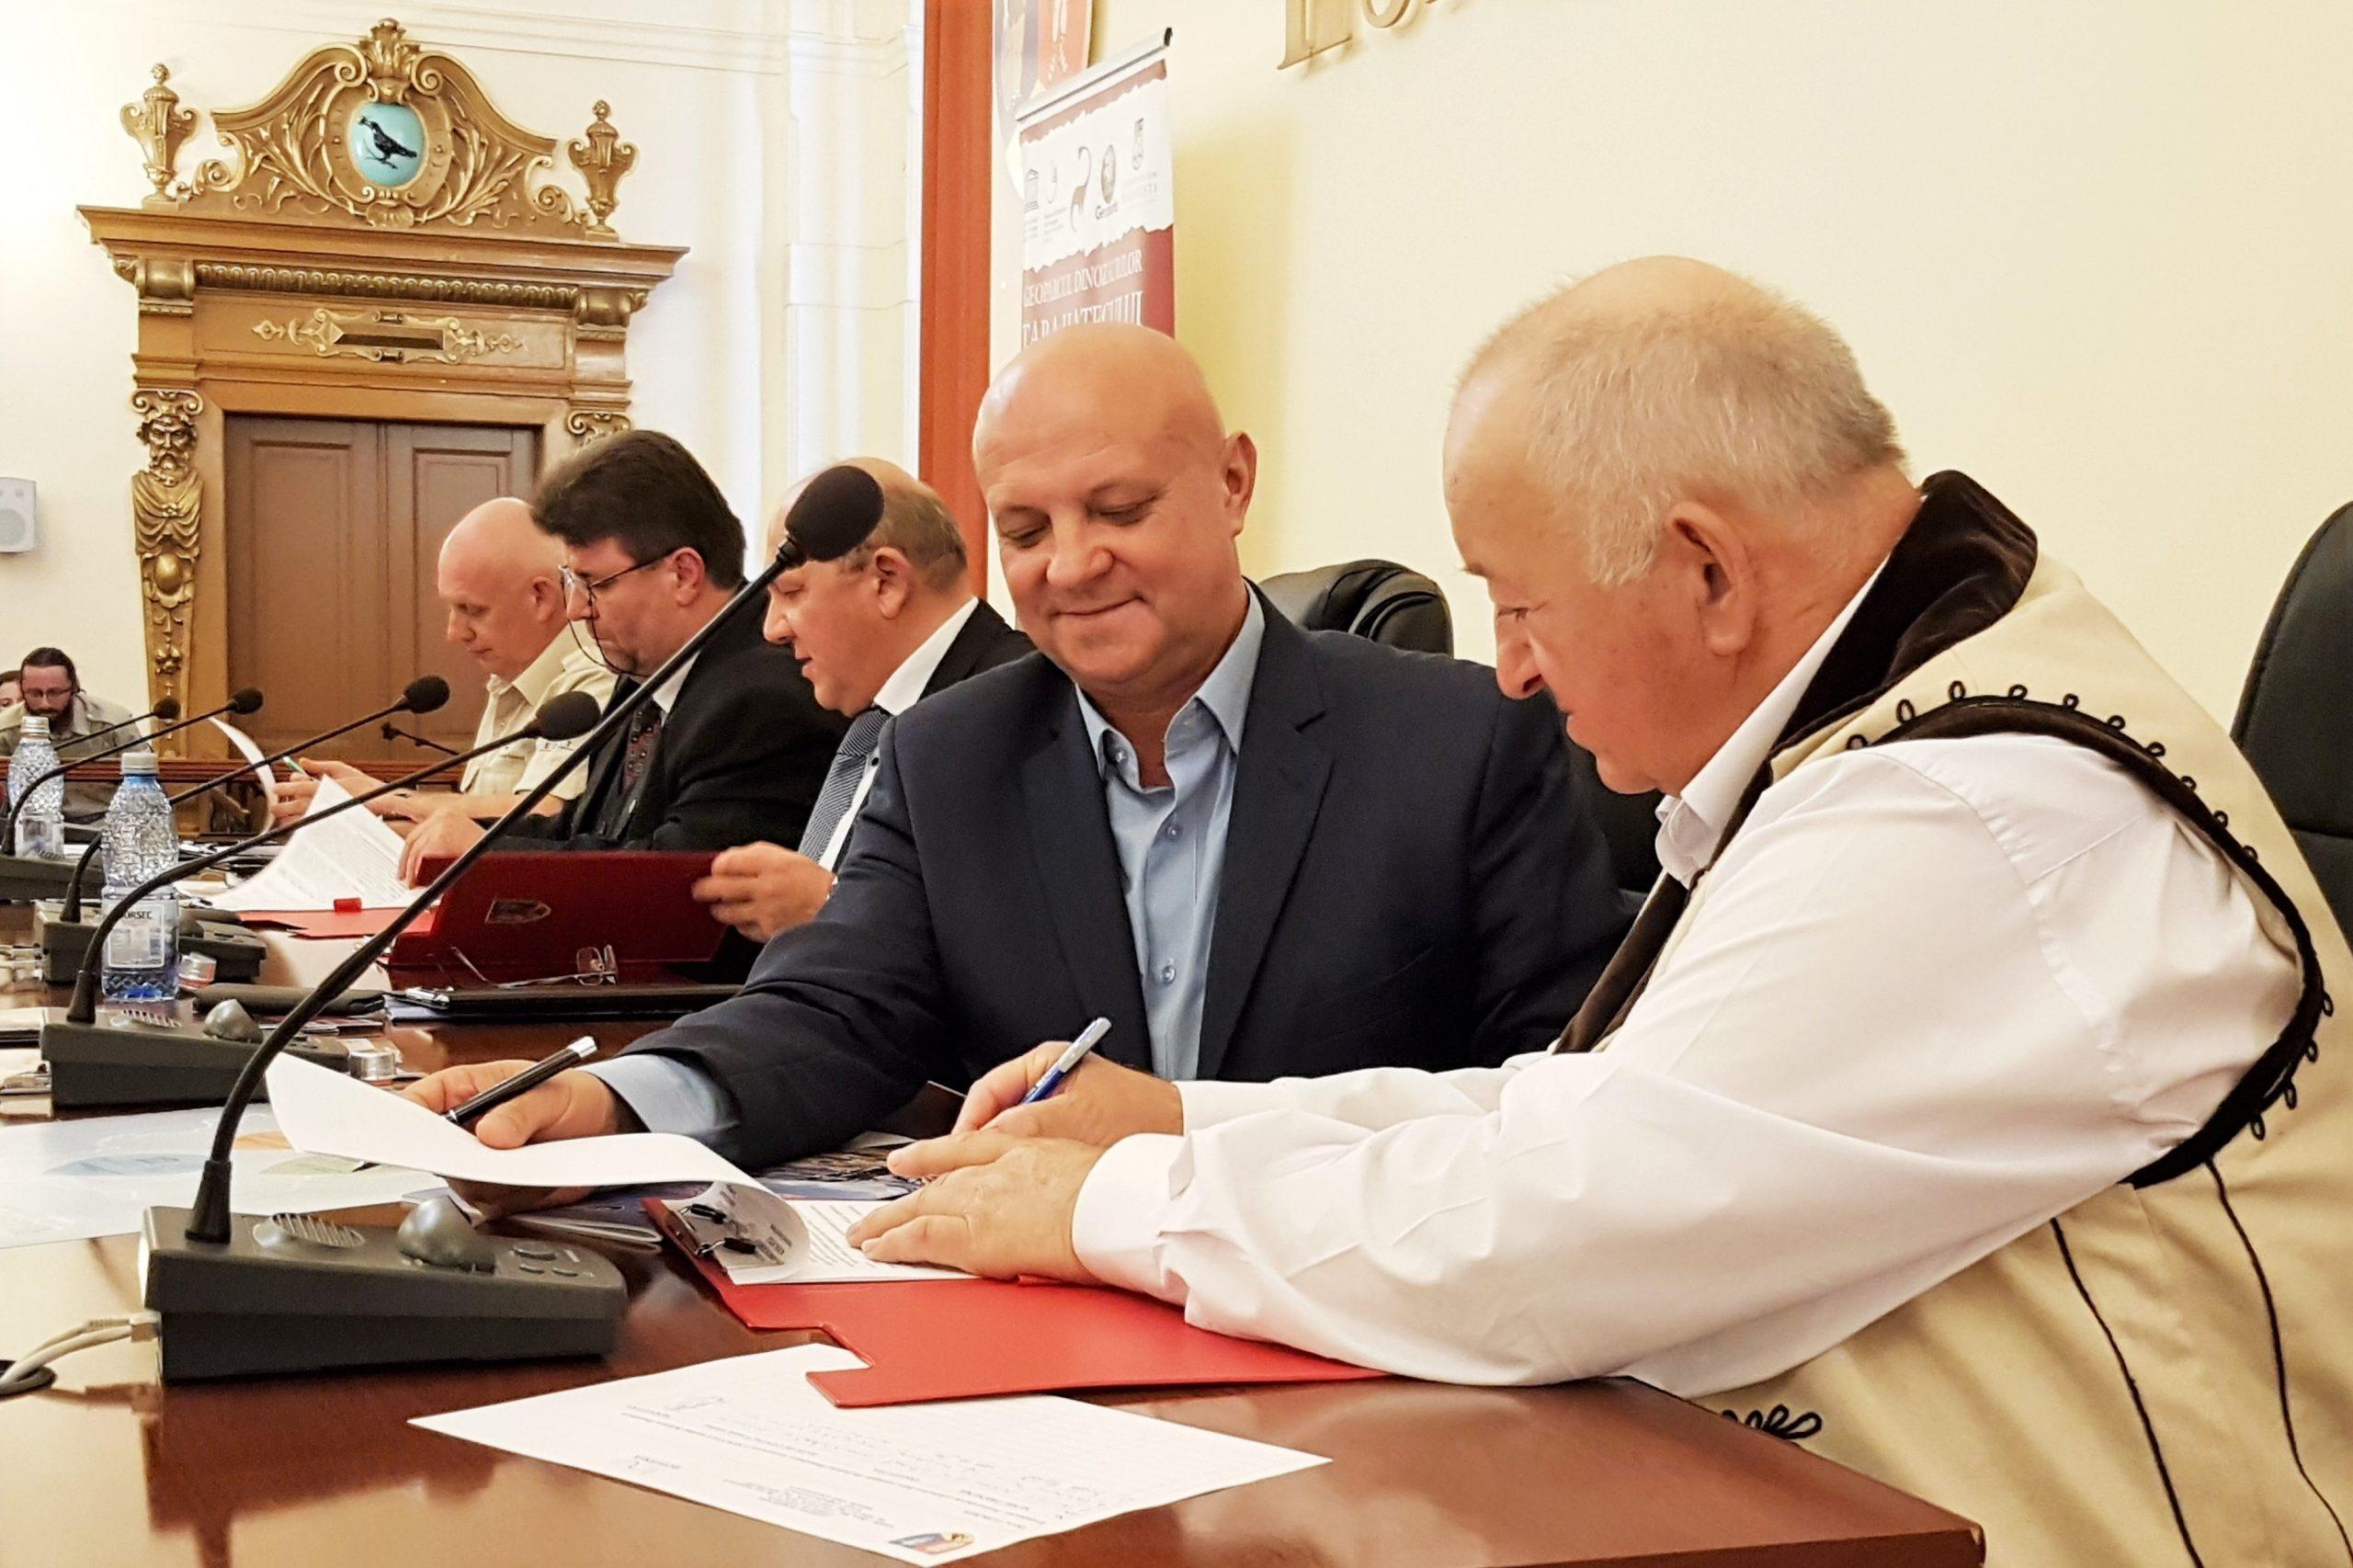 Primul român membru în Consiliul Geoparcurilor Internaționale UNESCO este directorul geoparcului din Țara Hațegului